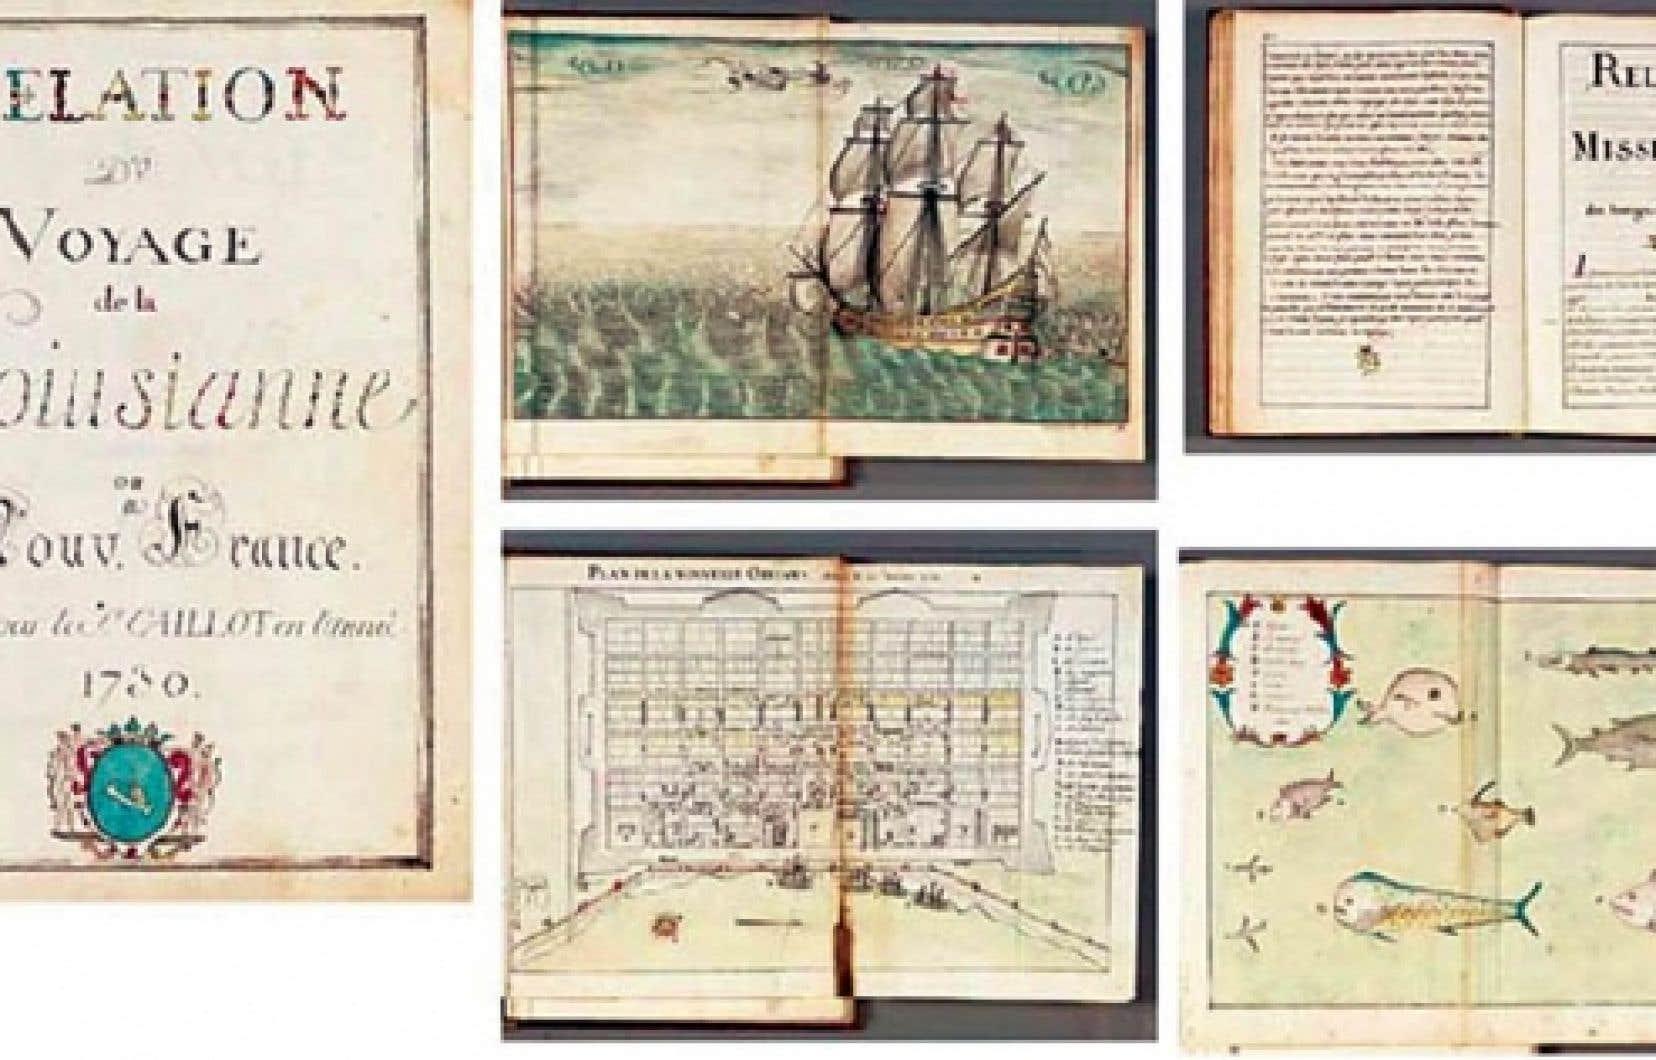 Relation du voyage de la Louisiane ou Nouvelle-France, un manuscrit de 168 pages, est décrit dans le catalogue de Christie's comme un «ouvrage remarquable de première main, jamais publié», orné de nombreuses gravures, a bel et bien appartenu aux Archives nationales.<br />